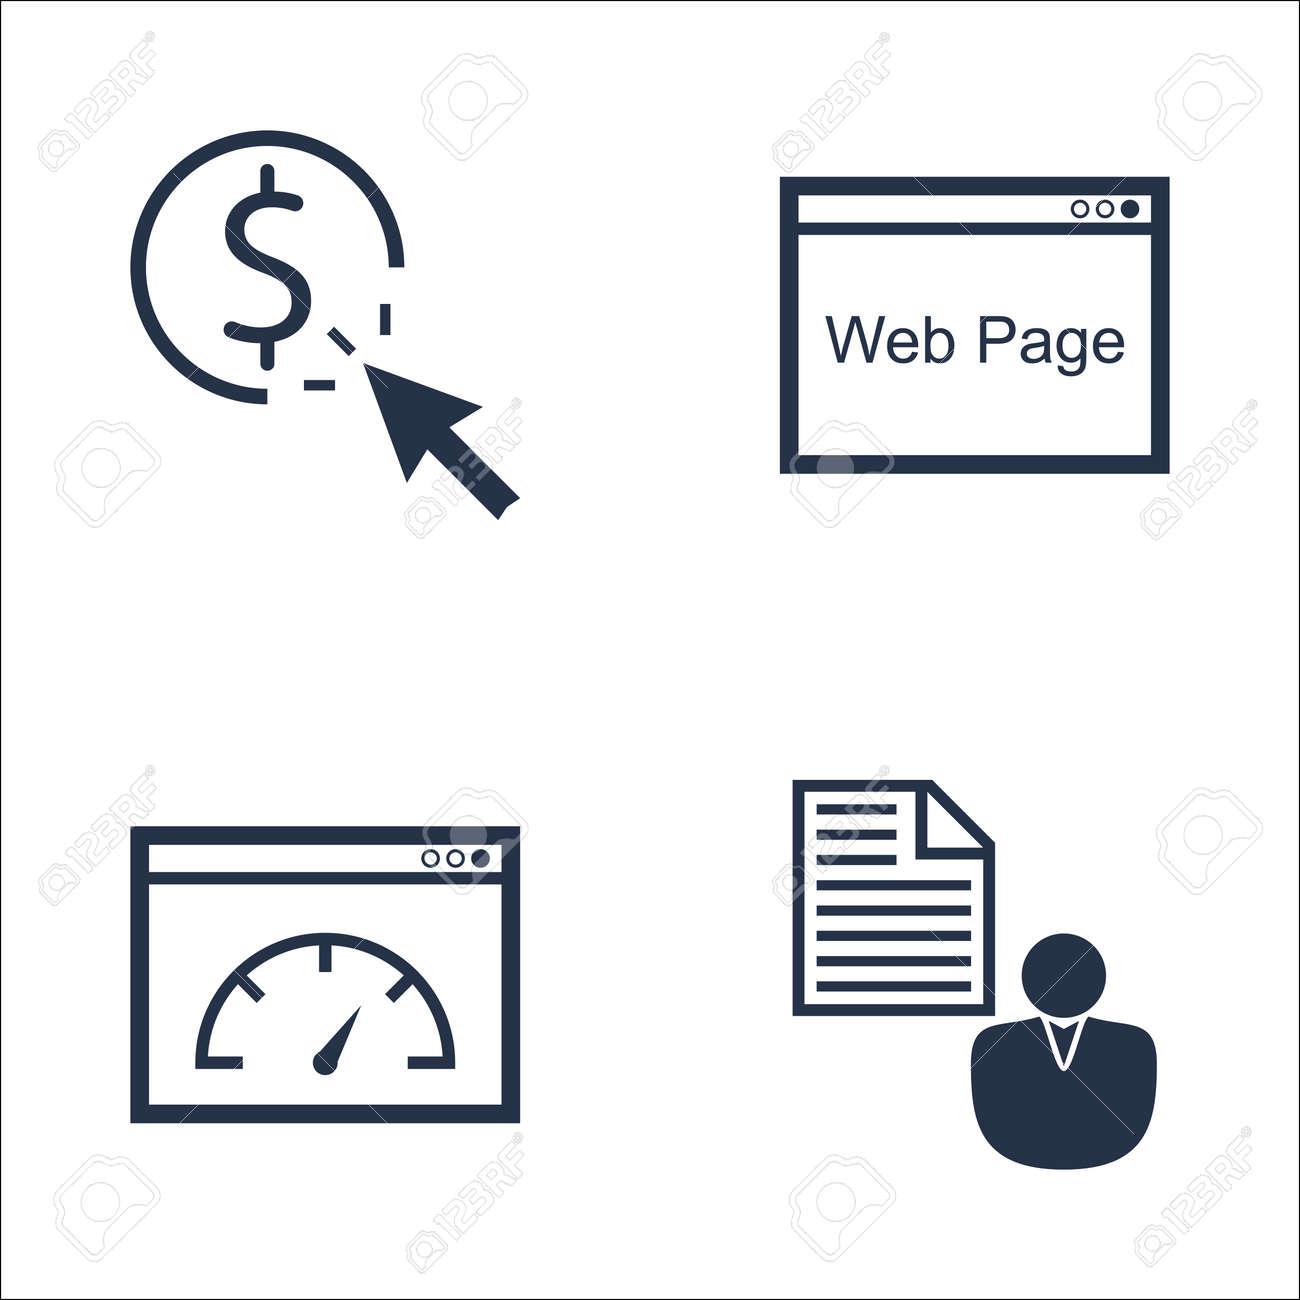 Seo の設定マーケティングと広告のページの速度簡単なクライアント上